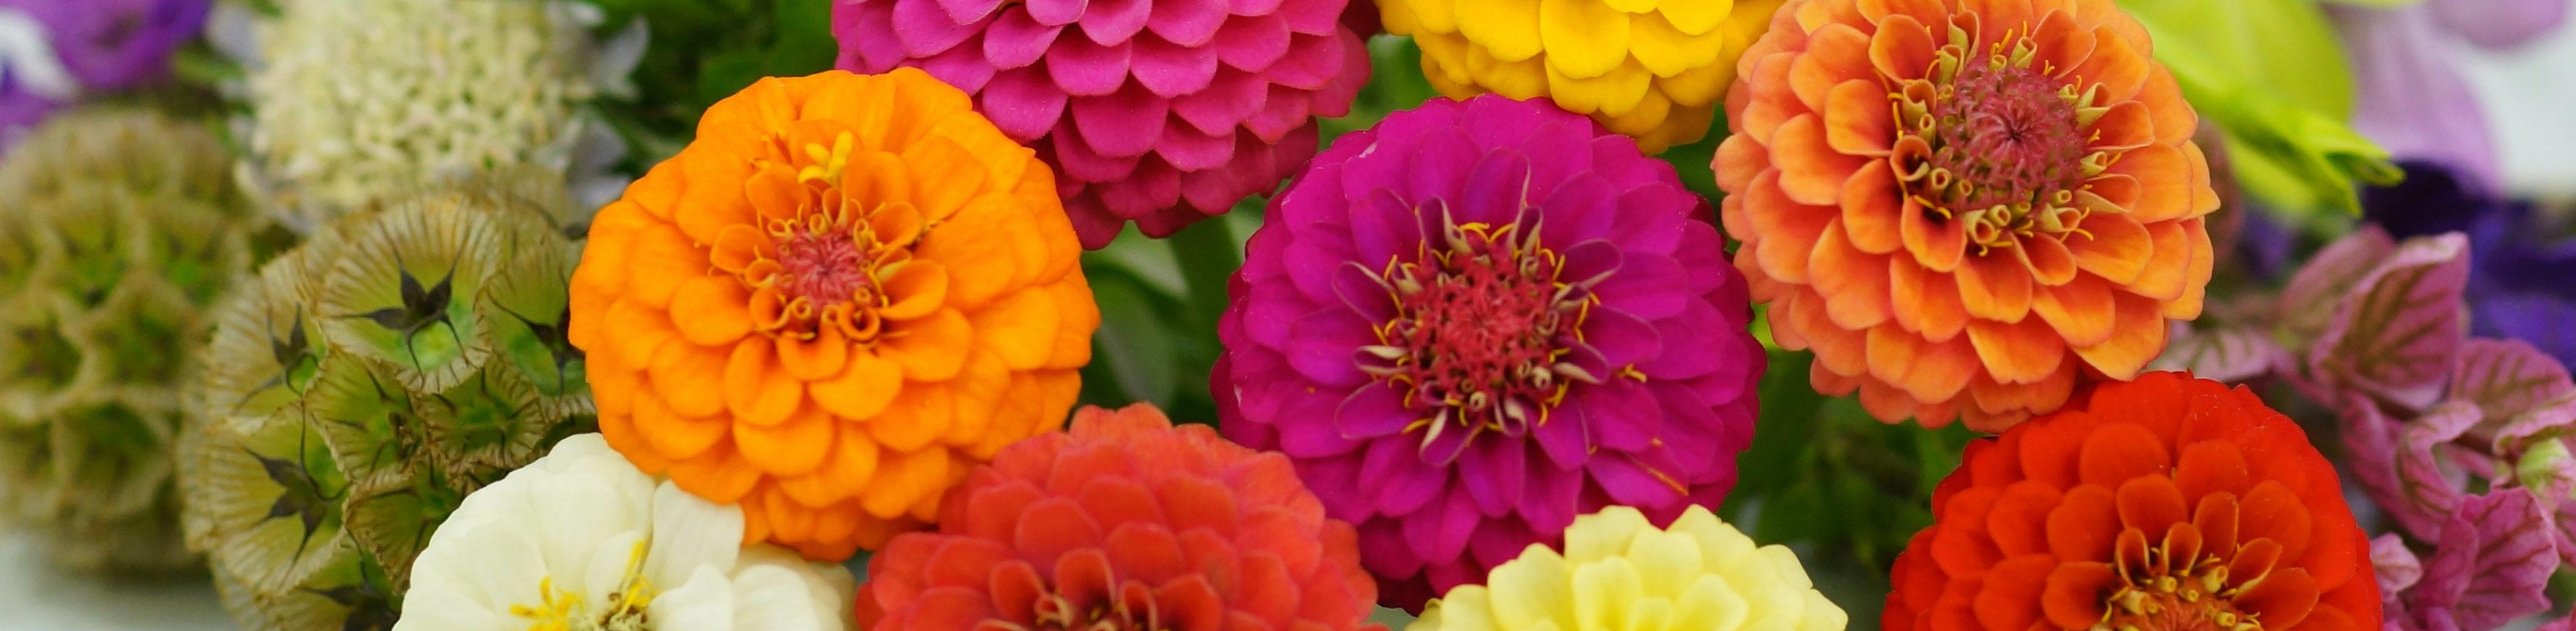 Flower Seeds | Baker Creek Heirloom Seeds